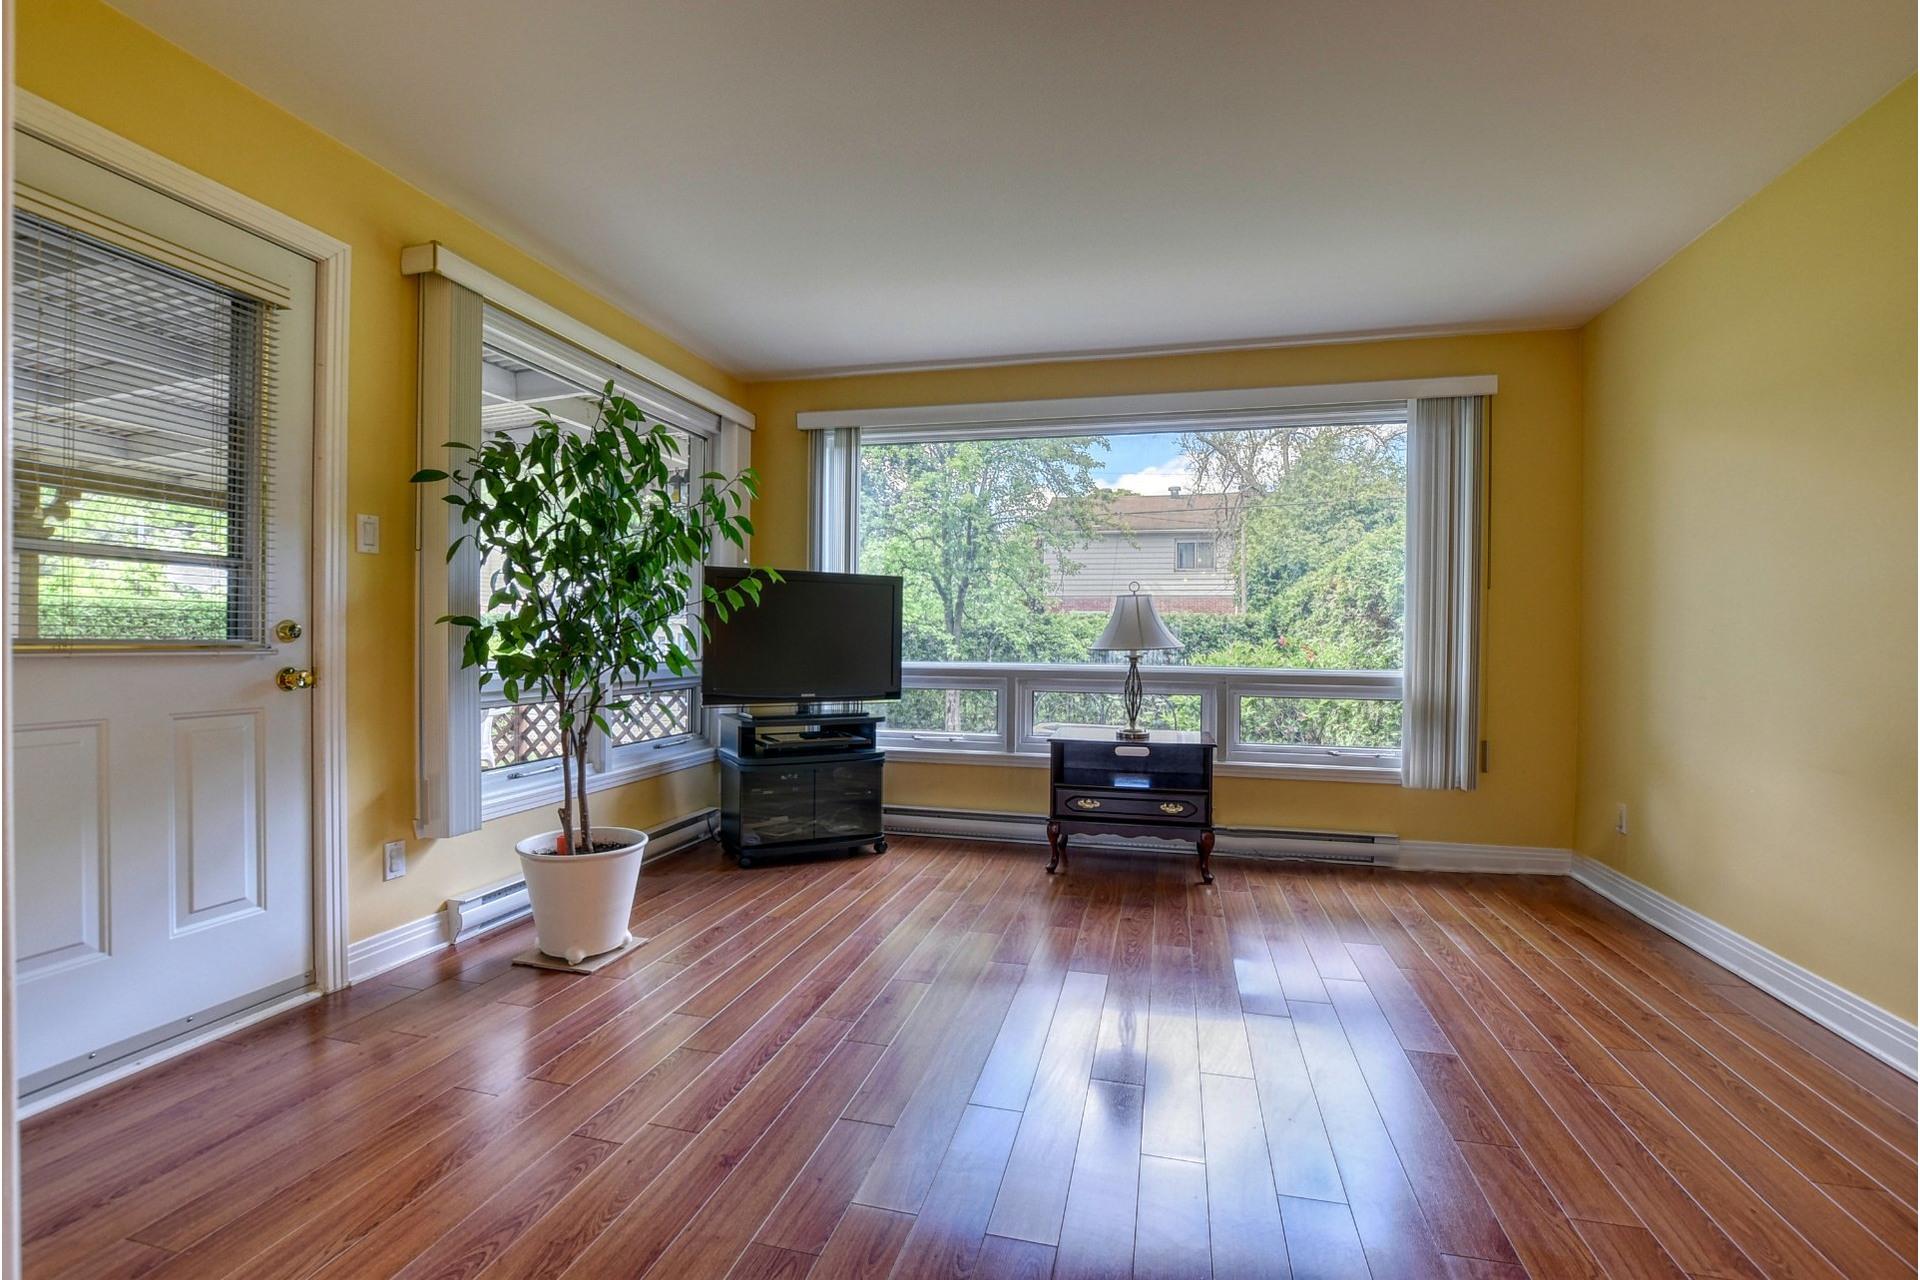 image 1 - House For sale Saint-Laurent Montréal  - 7 rooms